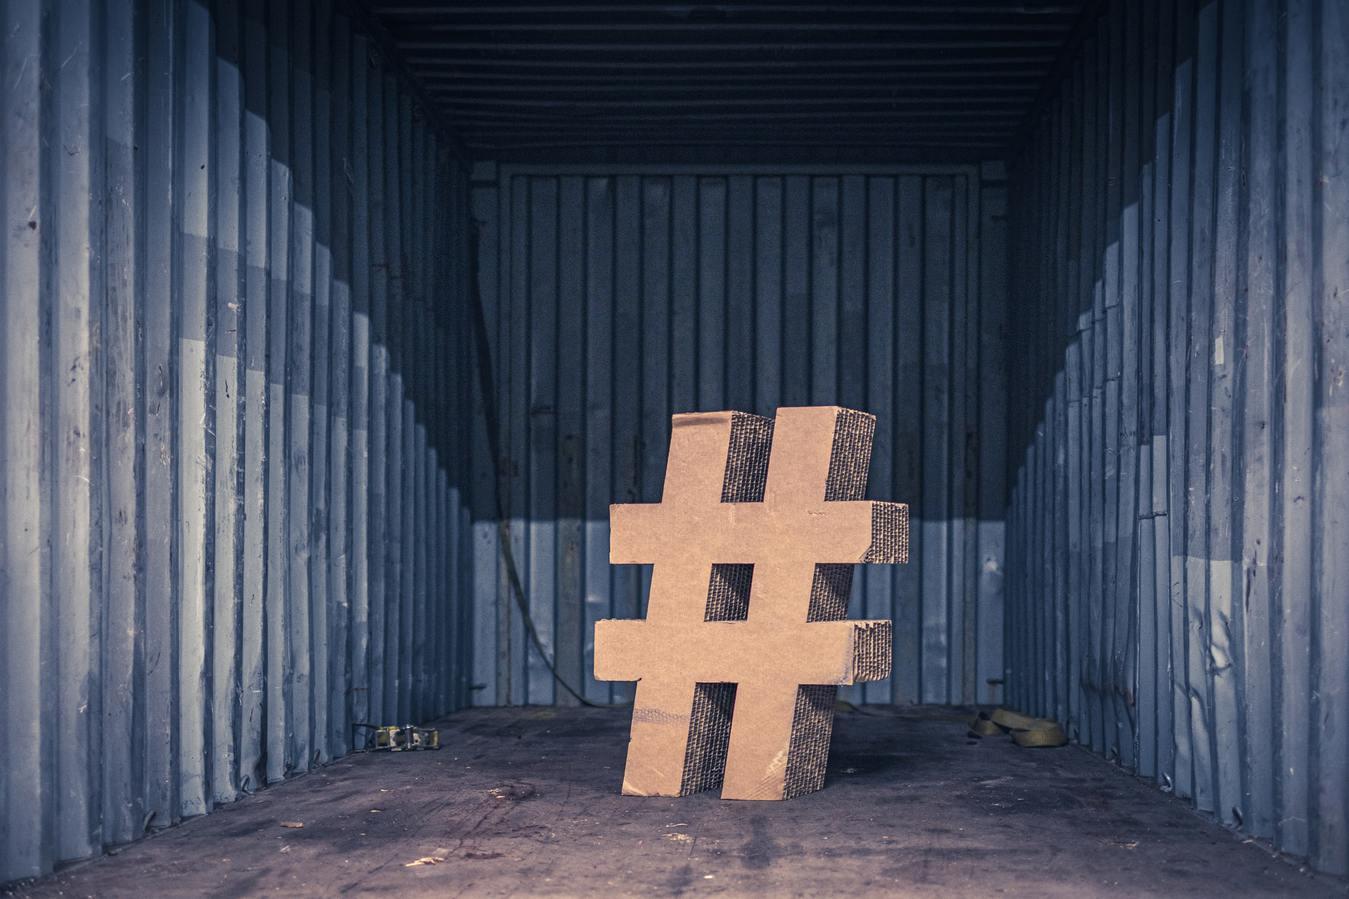 Hashtag di cartone in un container per la spedizione